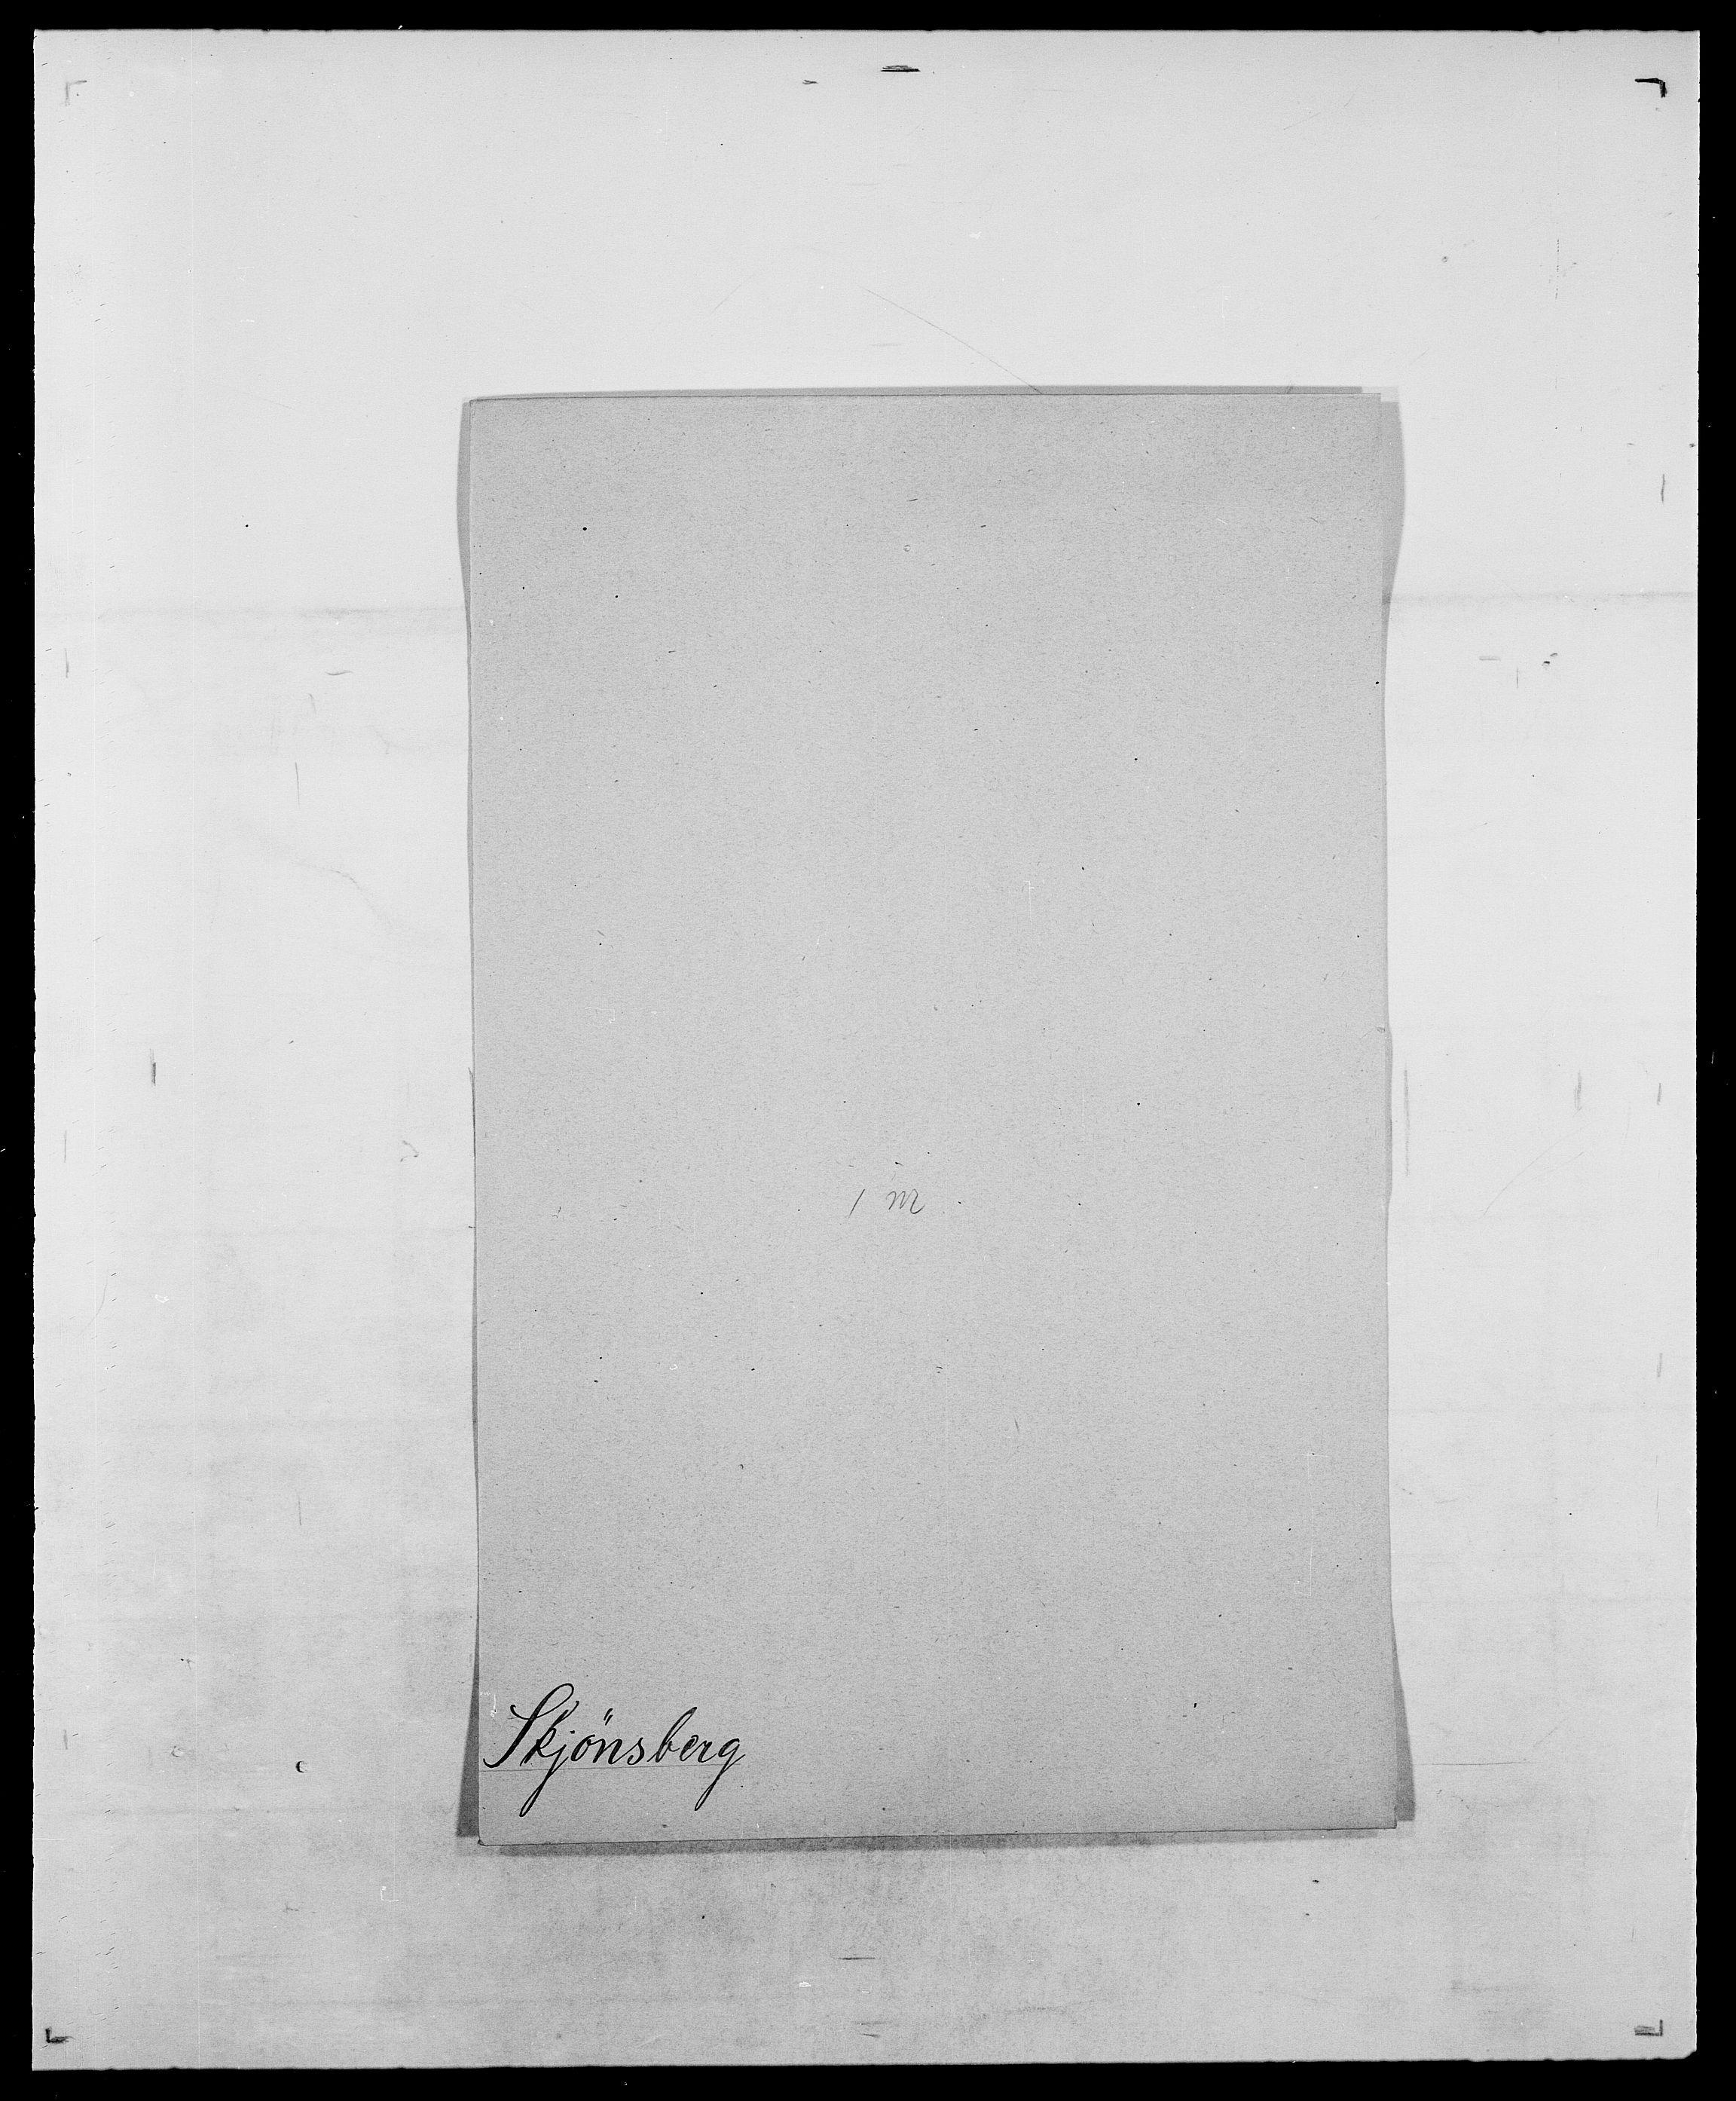 SAO, Delgobe, Charles Antoine - samling, D/Da/L0036: Skaanør - Staverskov, s. 55